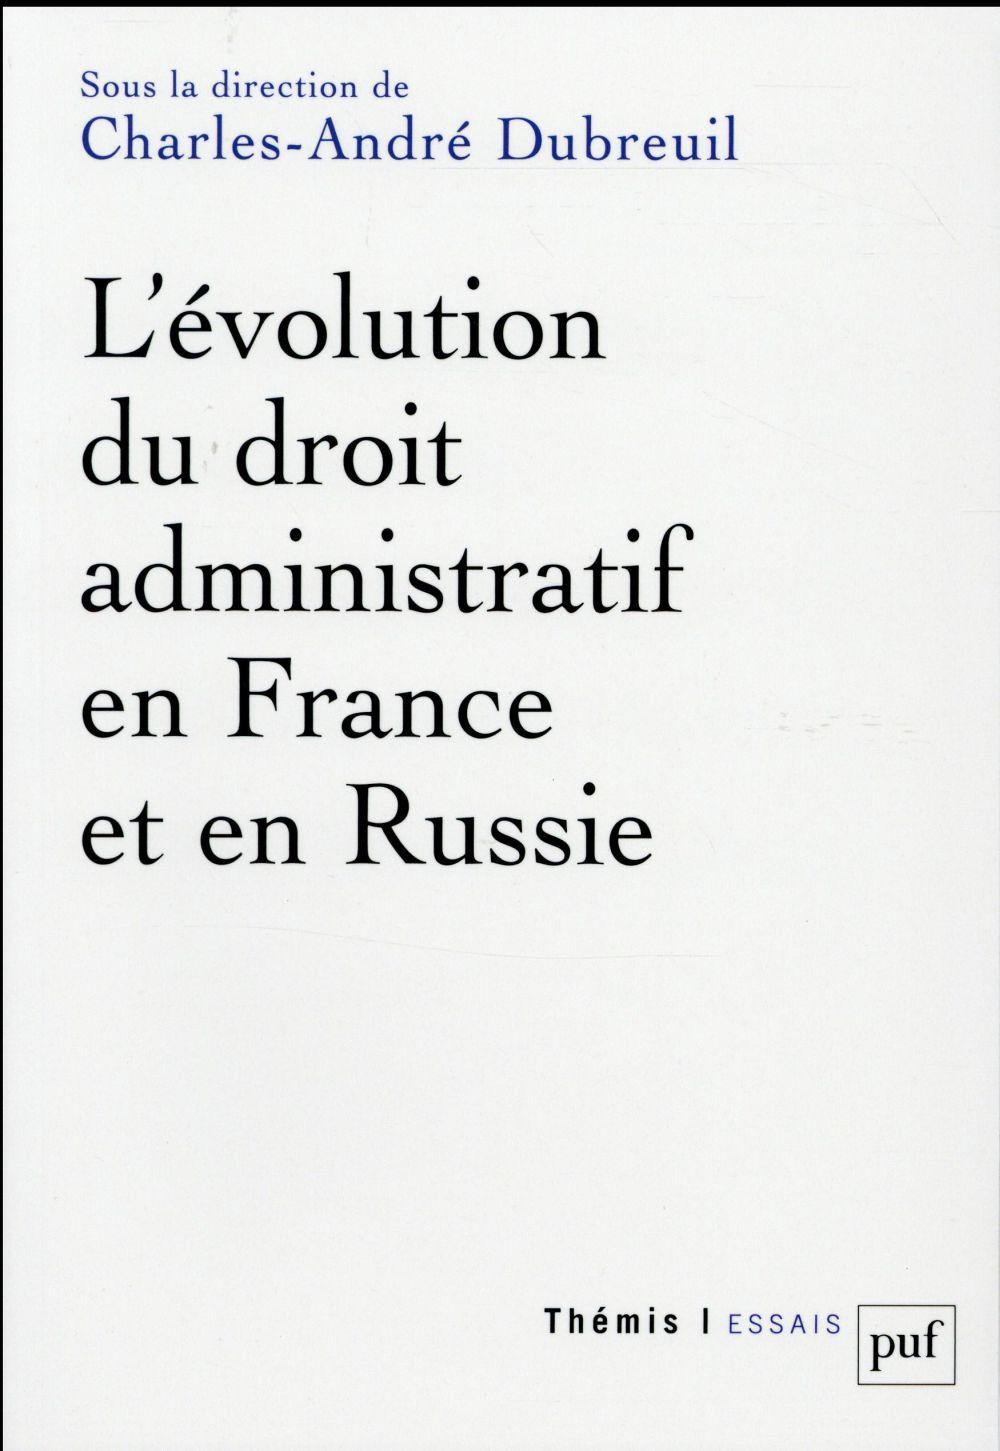 L'évolution du droit administratif en France et en Russie